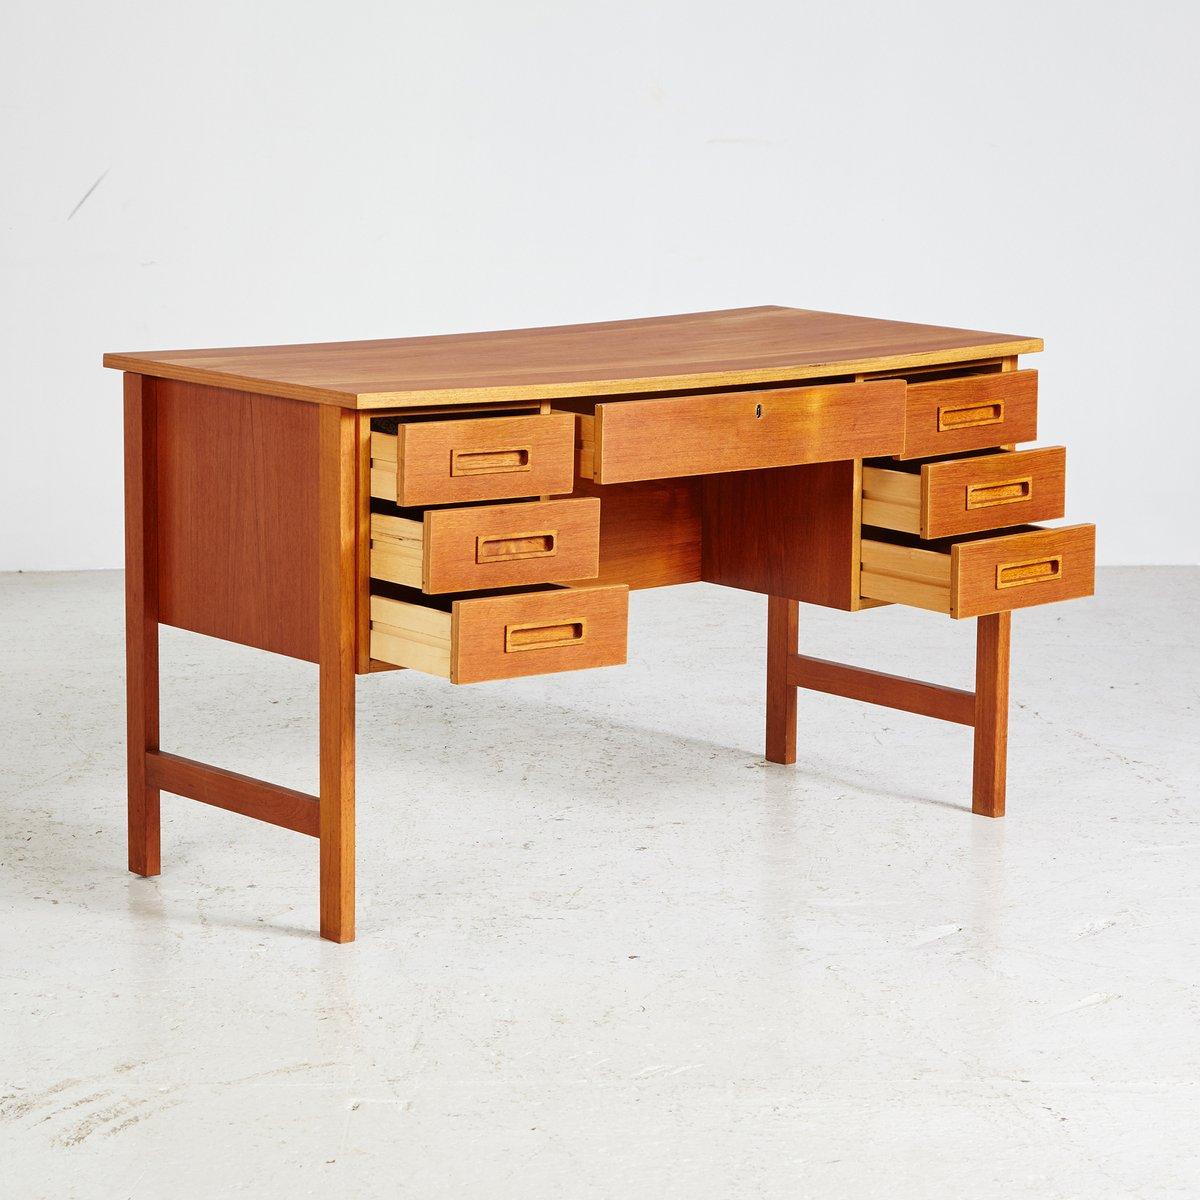 d nischer teak mid century schreibtisch 1960er bei pamono kaufen. Black Bedroom Furniture Sets. Home Design Ideas